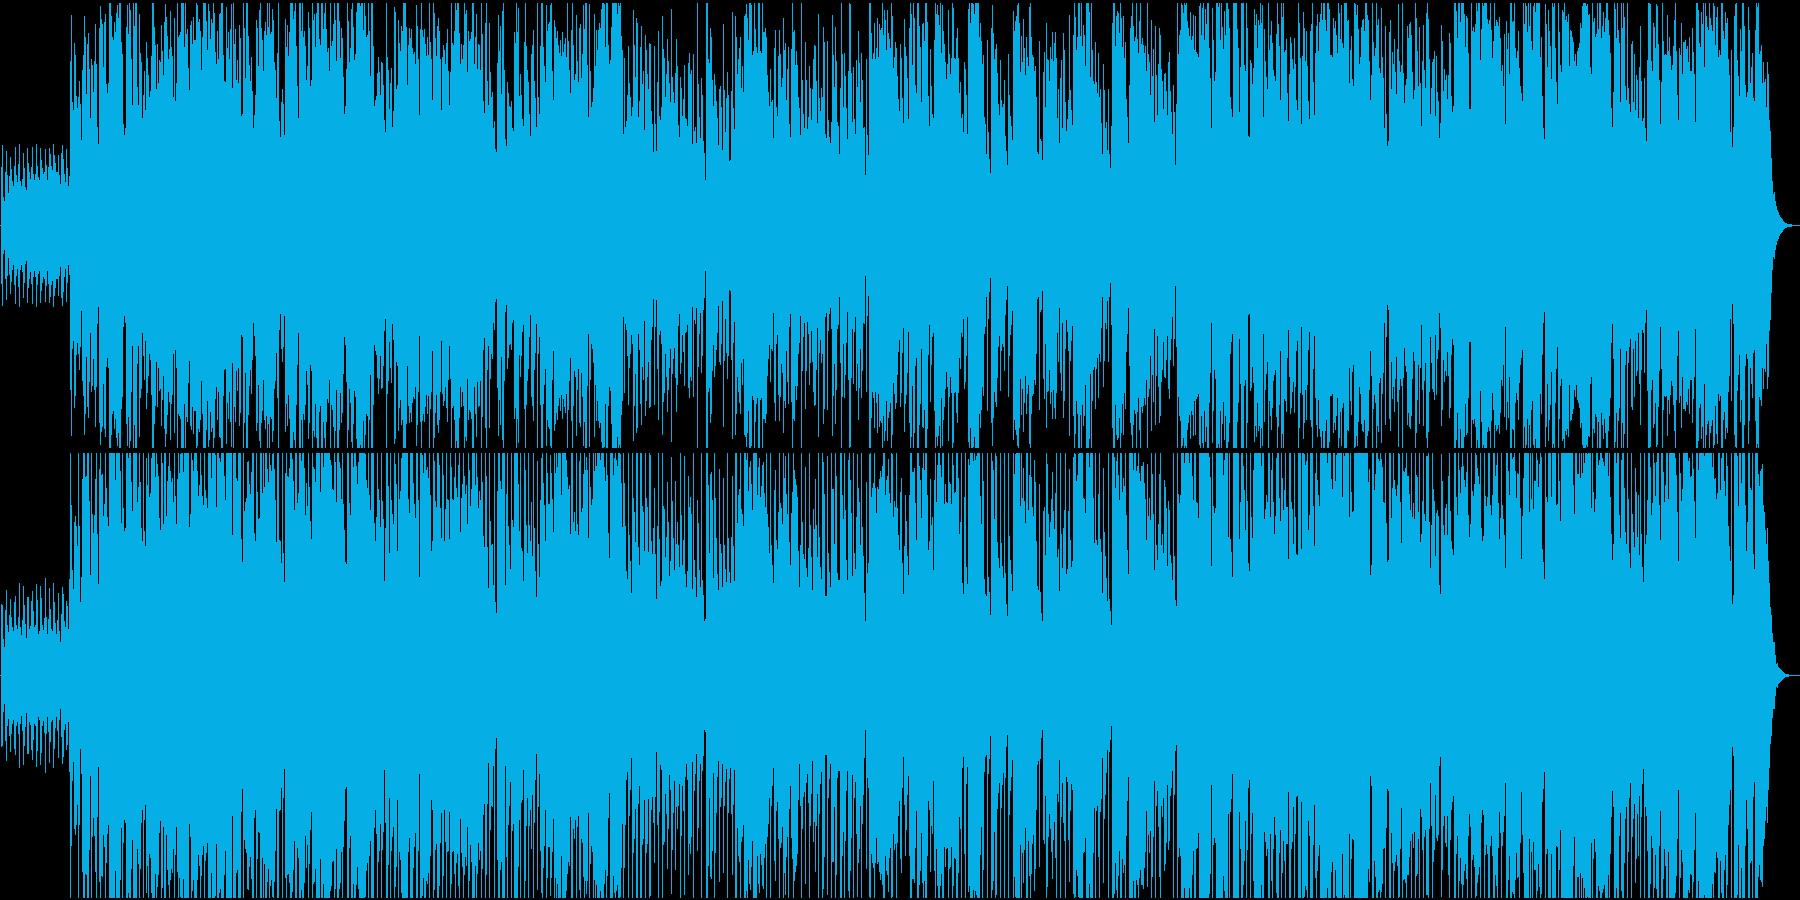 クリスマスムードのビッグバンドジャズの再生済みの波形